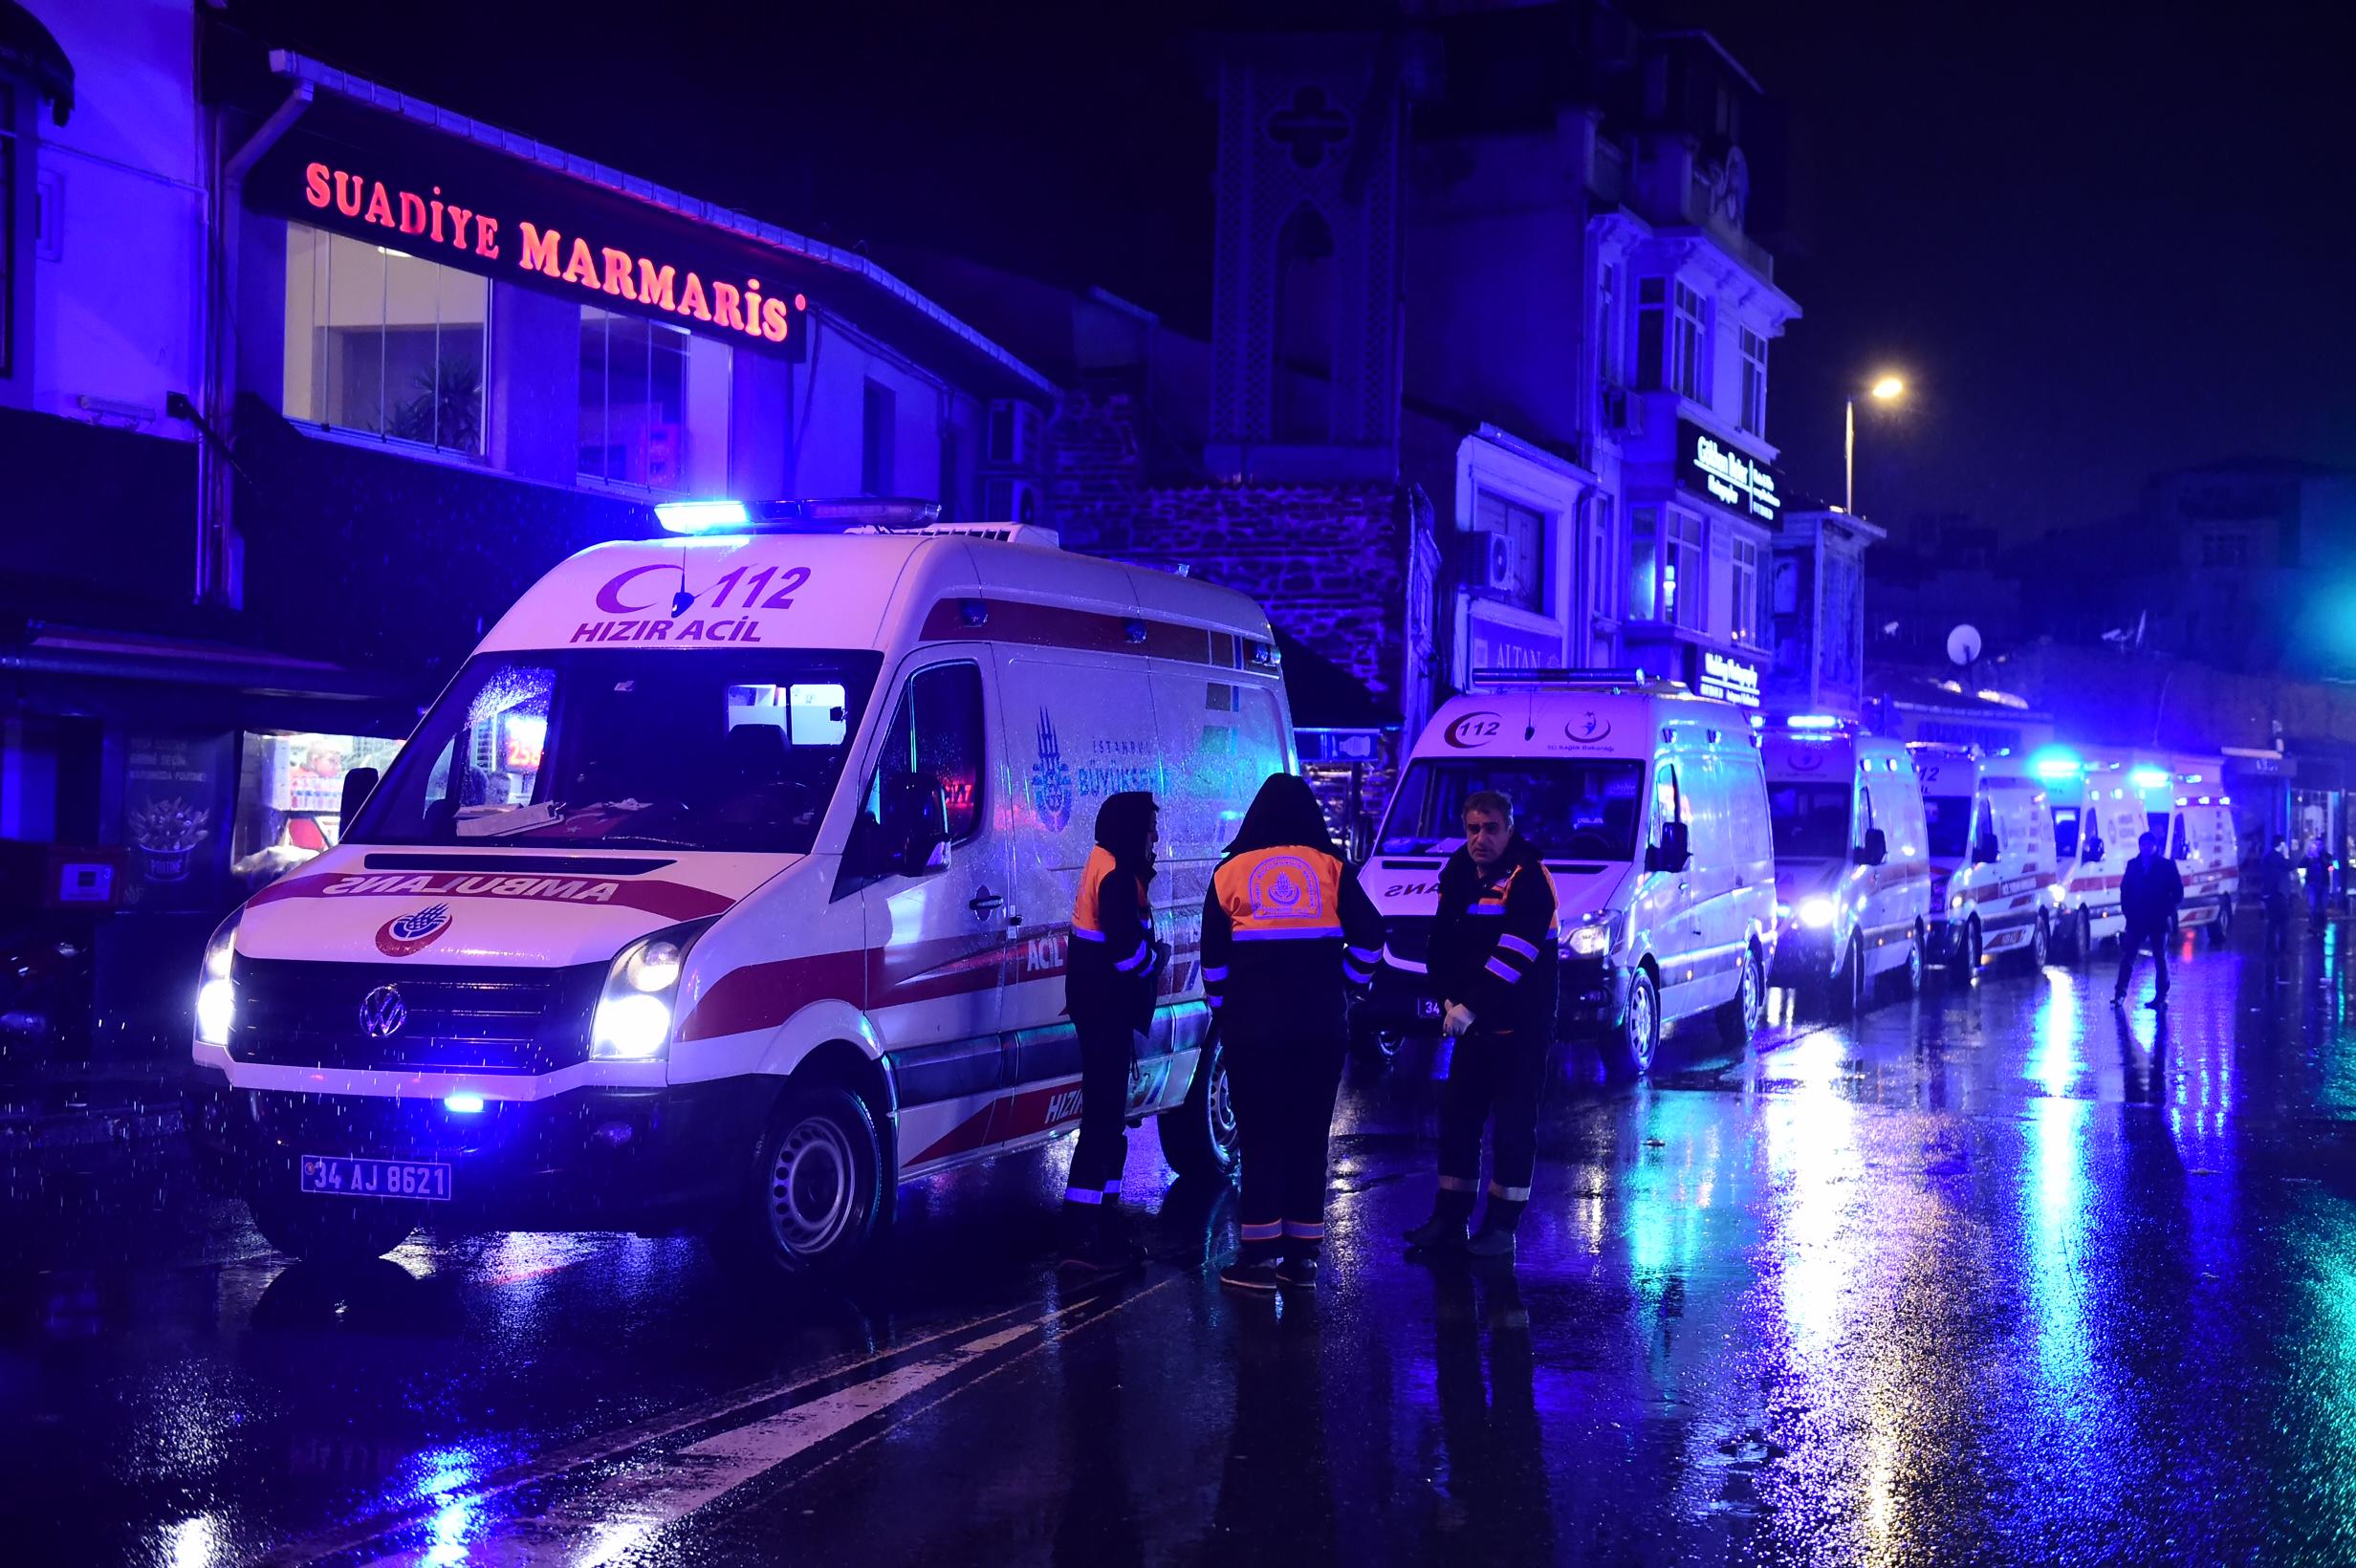 المسعفون في مكان الهجوم في اسطنبول